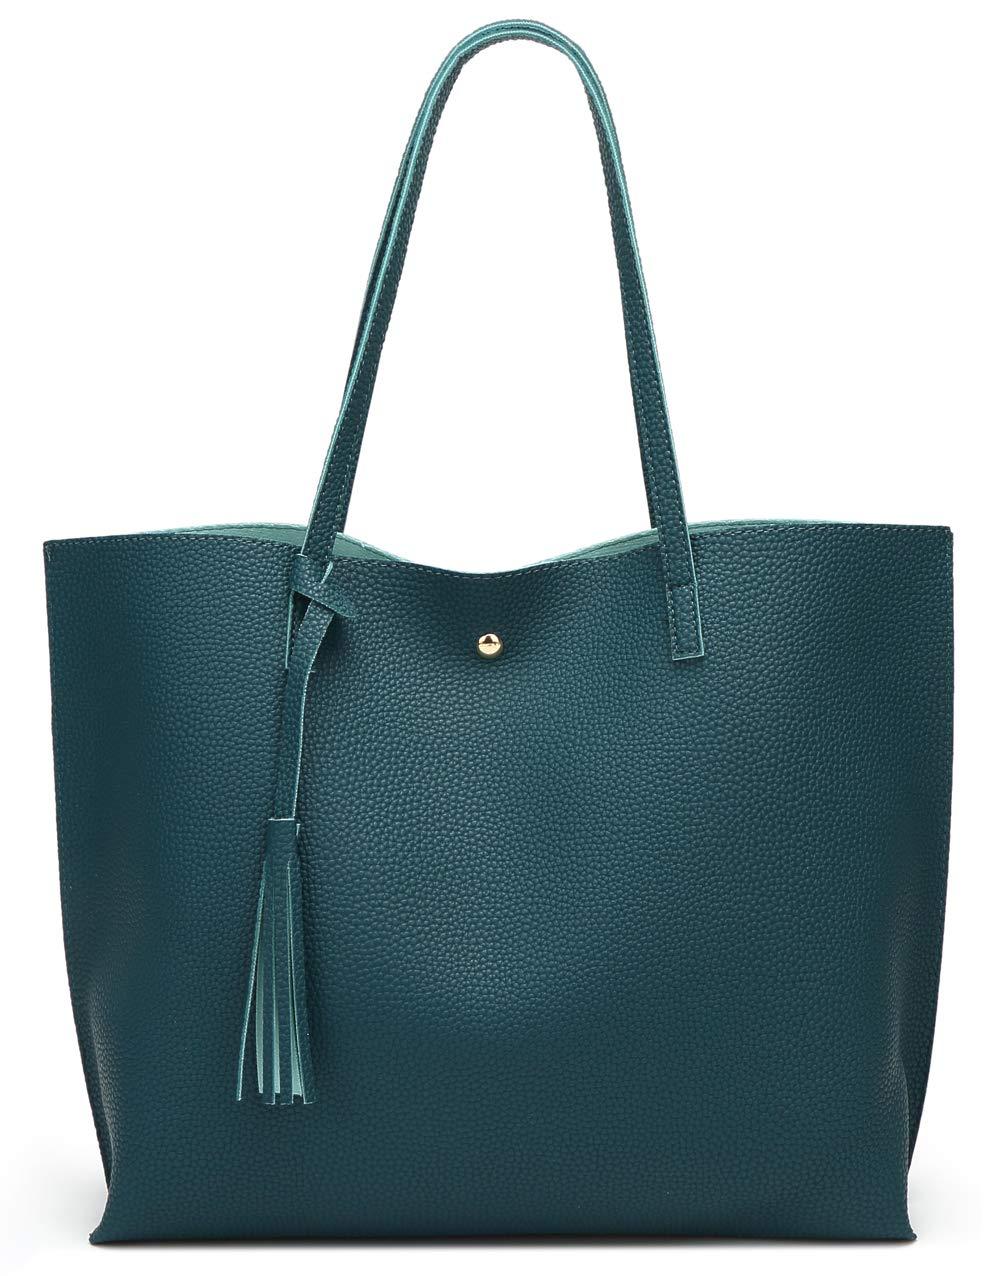 Women's Soft Leather Tote Shoulder Bag from Dreubea, Big Capacity Tassel Handbag Dark Teal